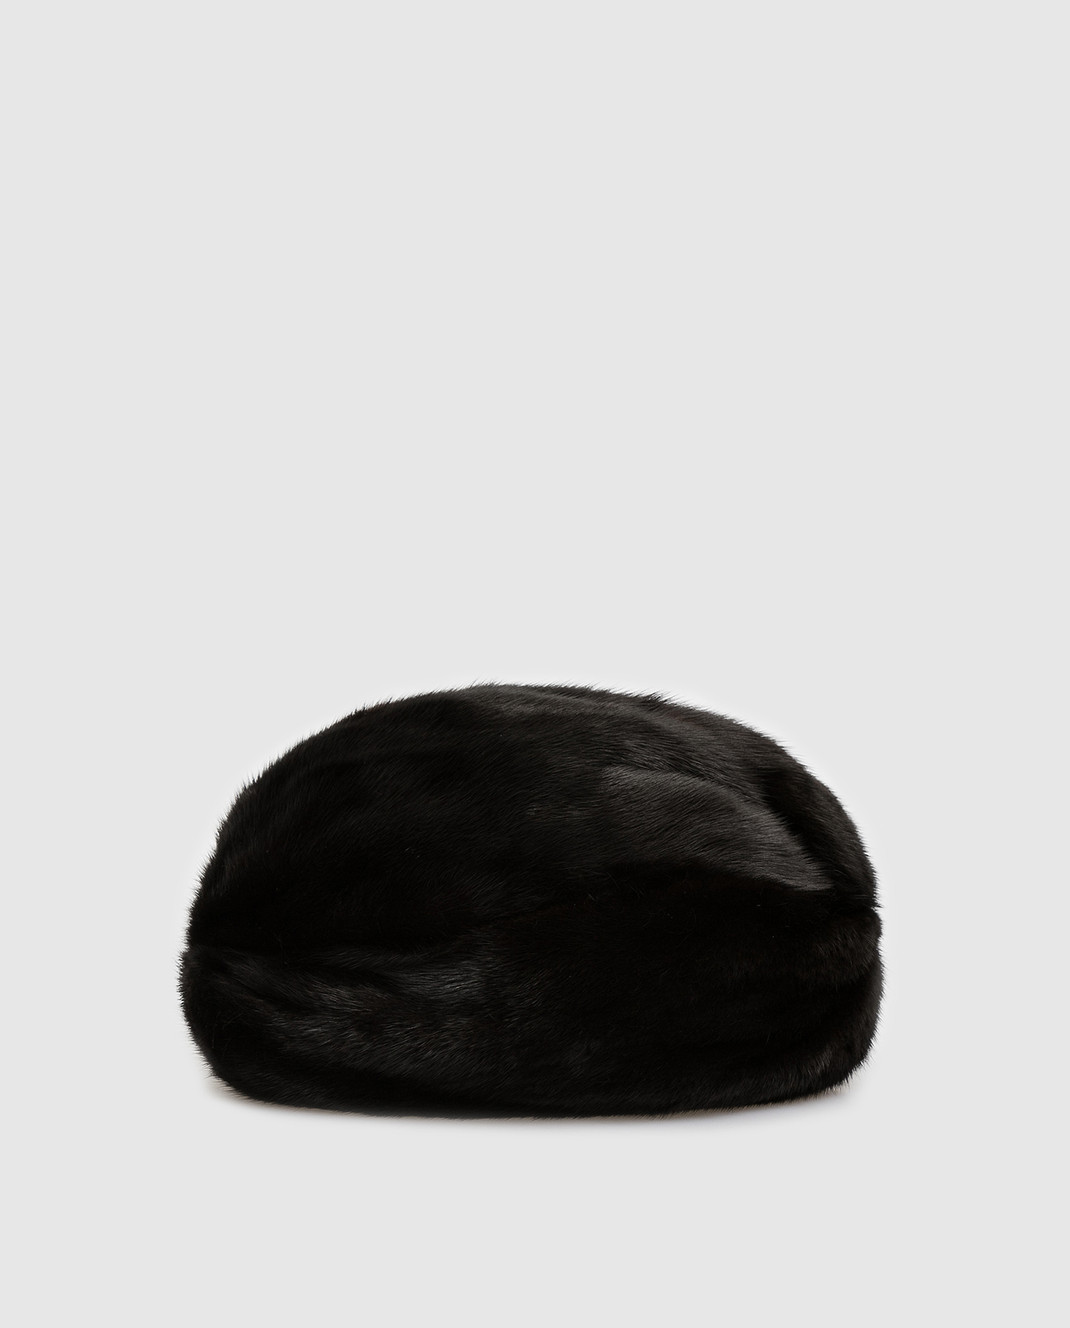 Simonetta Ravizza Черный тюрбан из меха норки TURBANTEBVISNE изображение 3